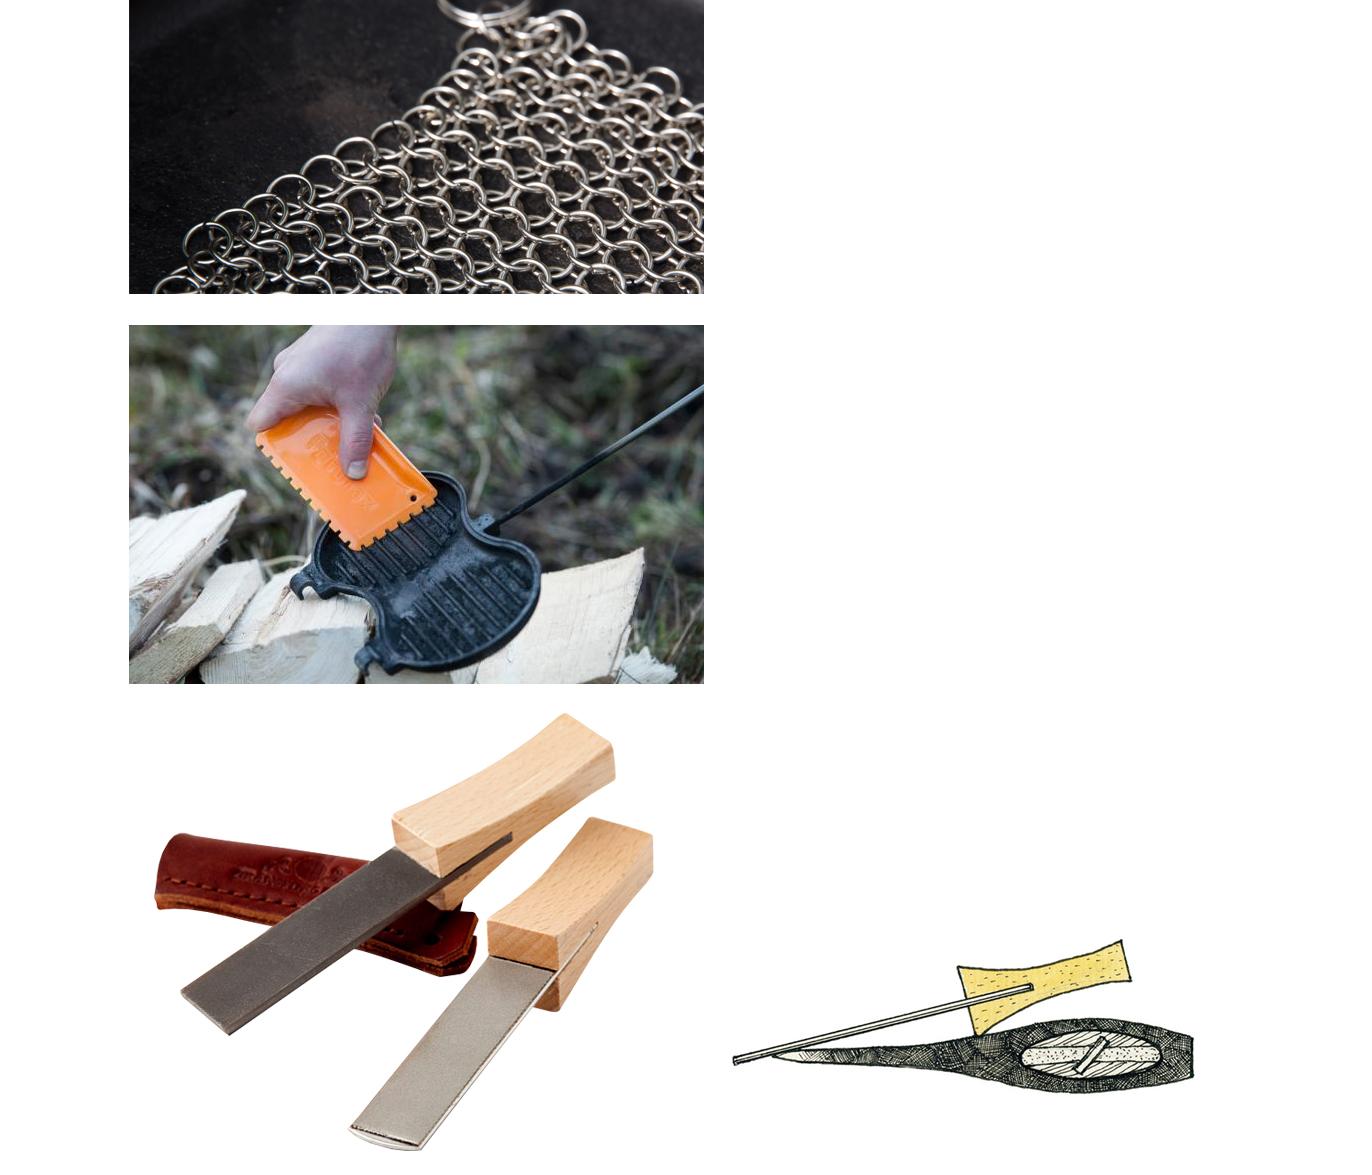 チェーンメイルクリーナー、ファイルシャープナー、ダイヤモンドシャープナー